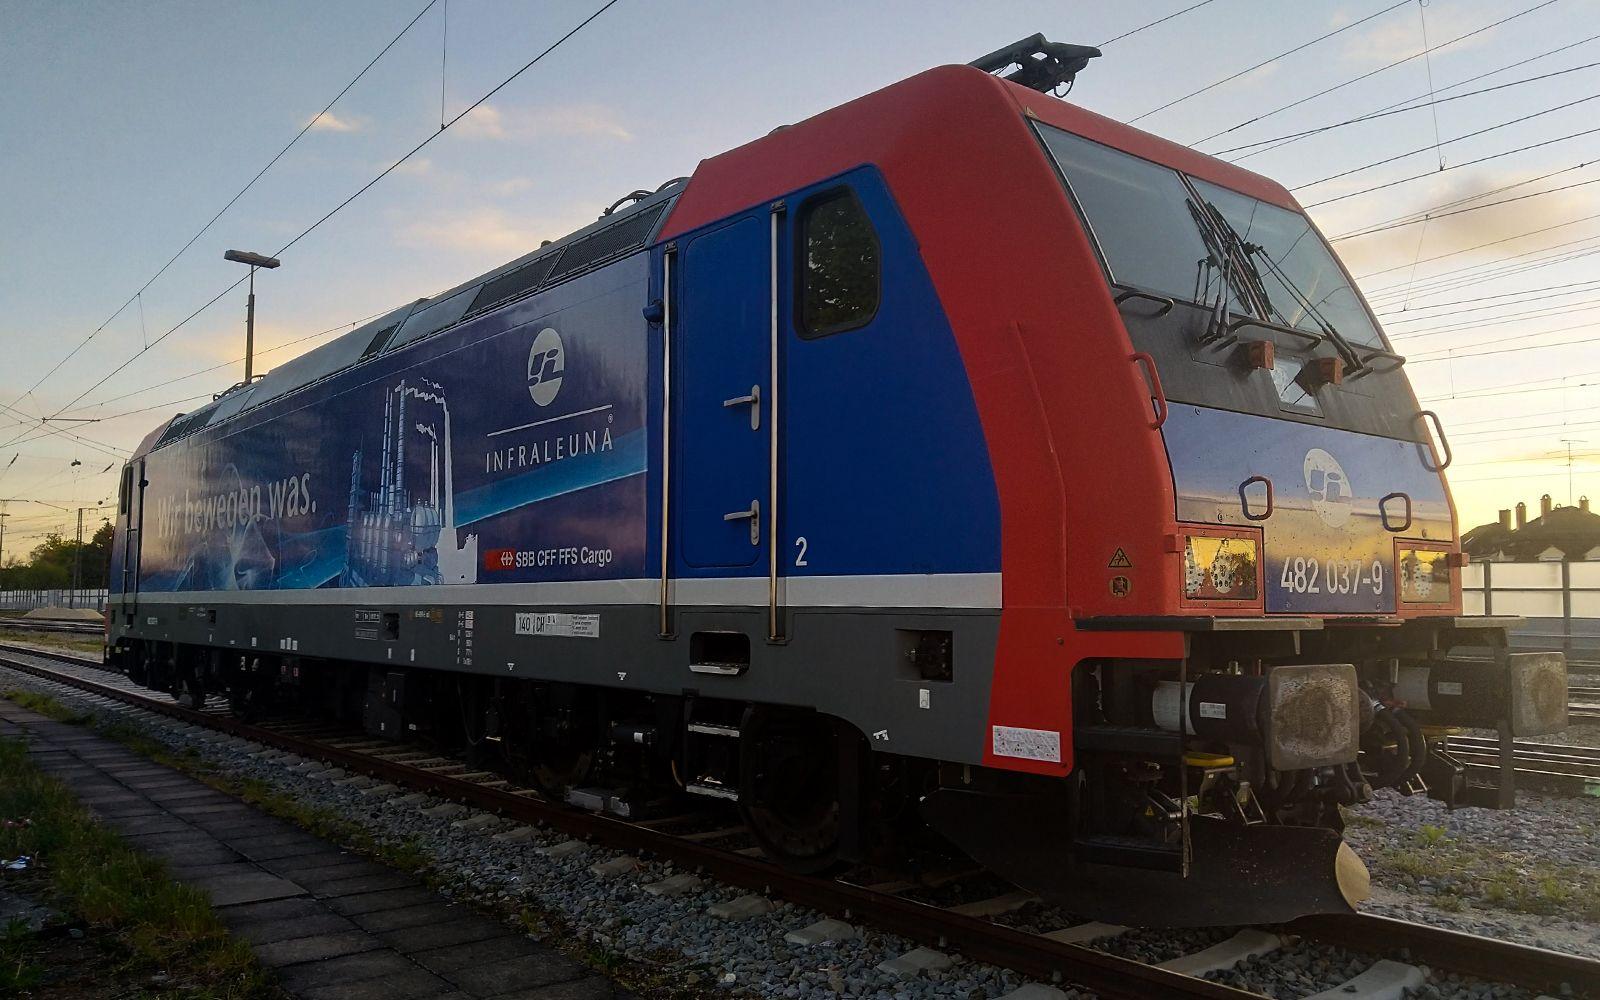 ©Foto: Denis Herwig   railmen   Lokführer im Dienst für InfraLeuna   Abstellung bei Augsburg